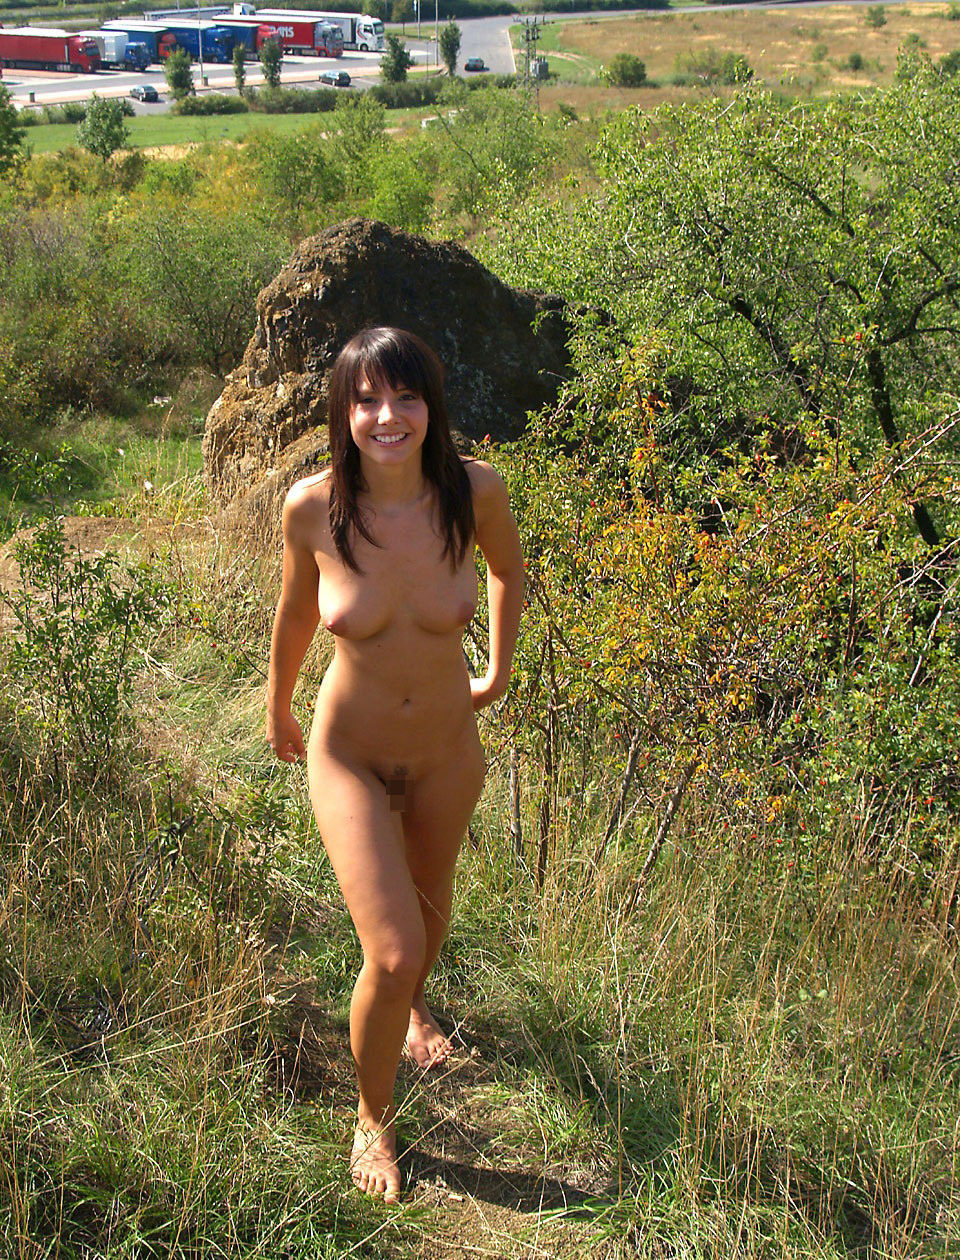 【海外エロ画像】卑猥さが薄れて…いる!?自然で裸体を晒す碧眼美女www 25